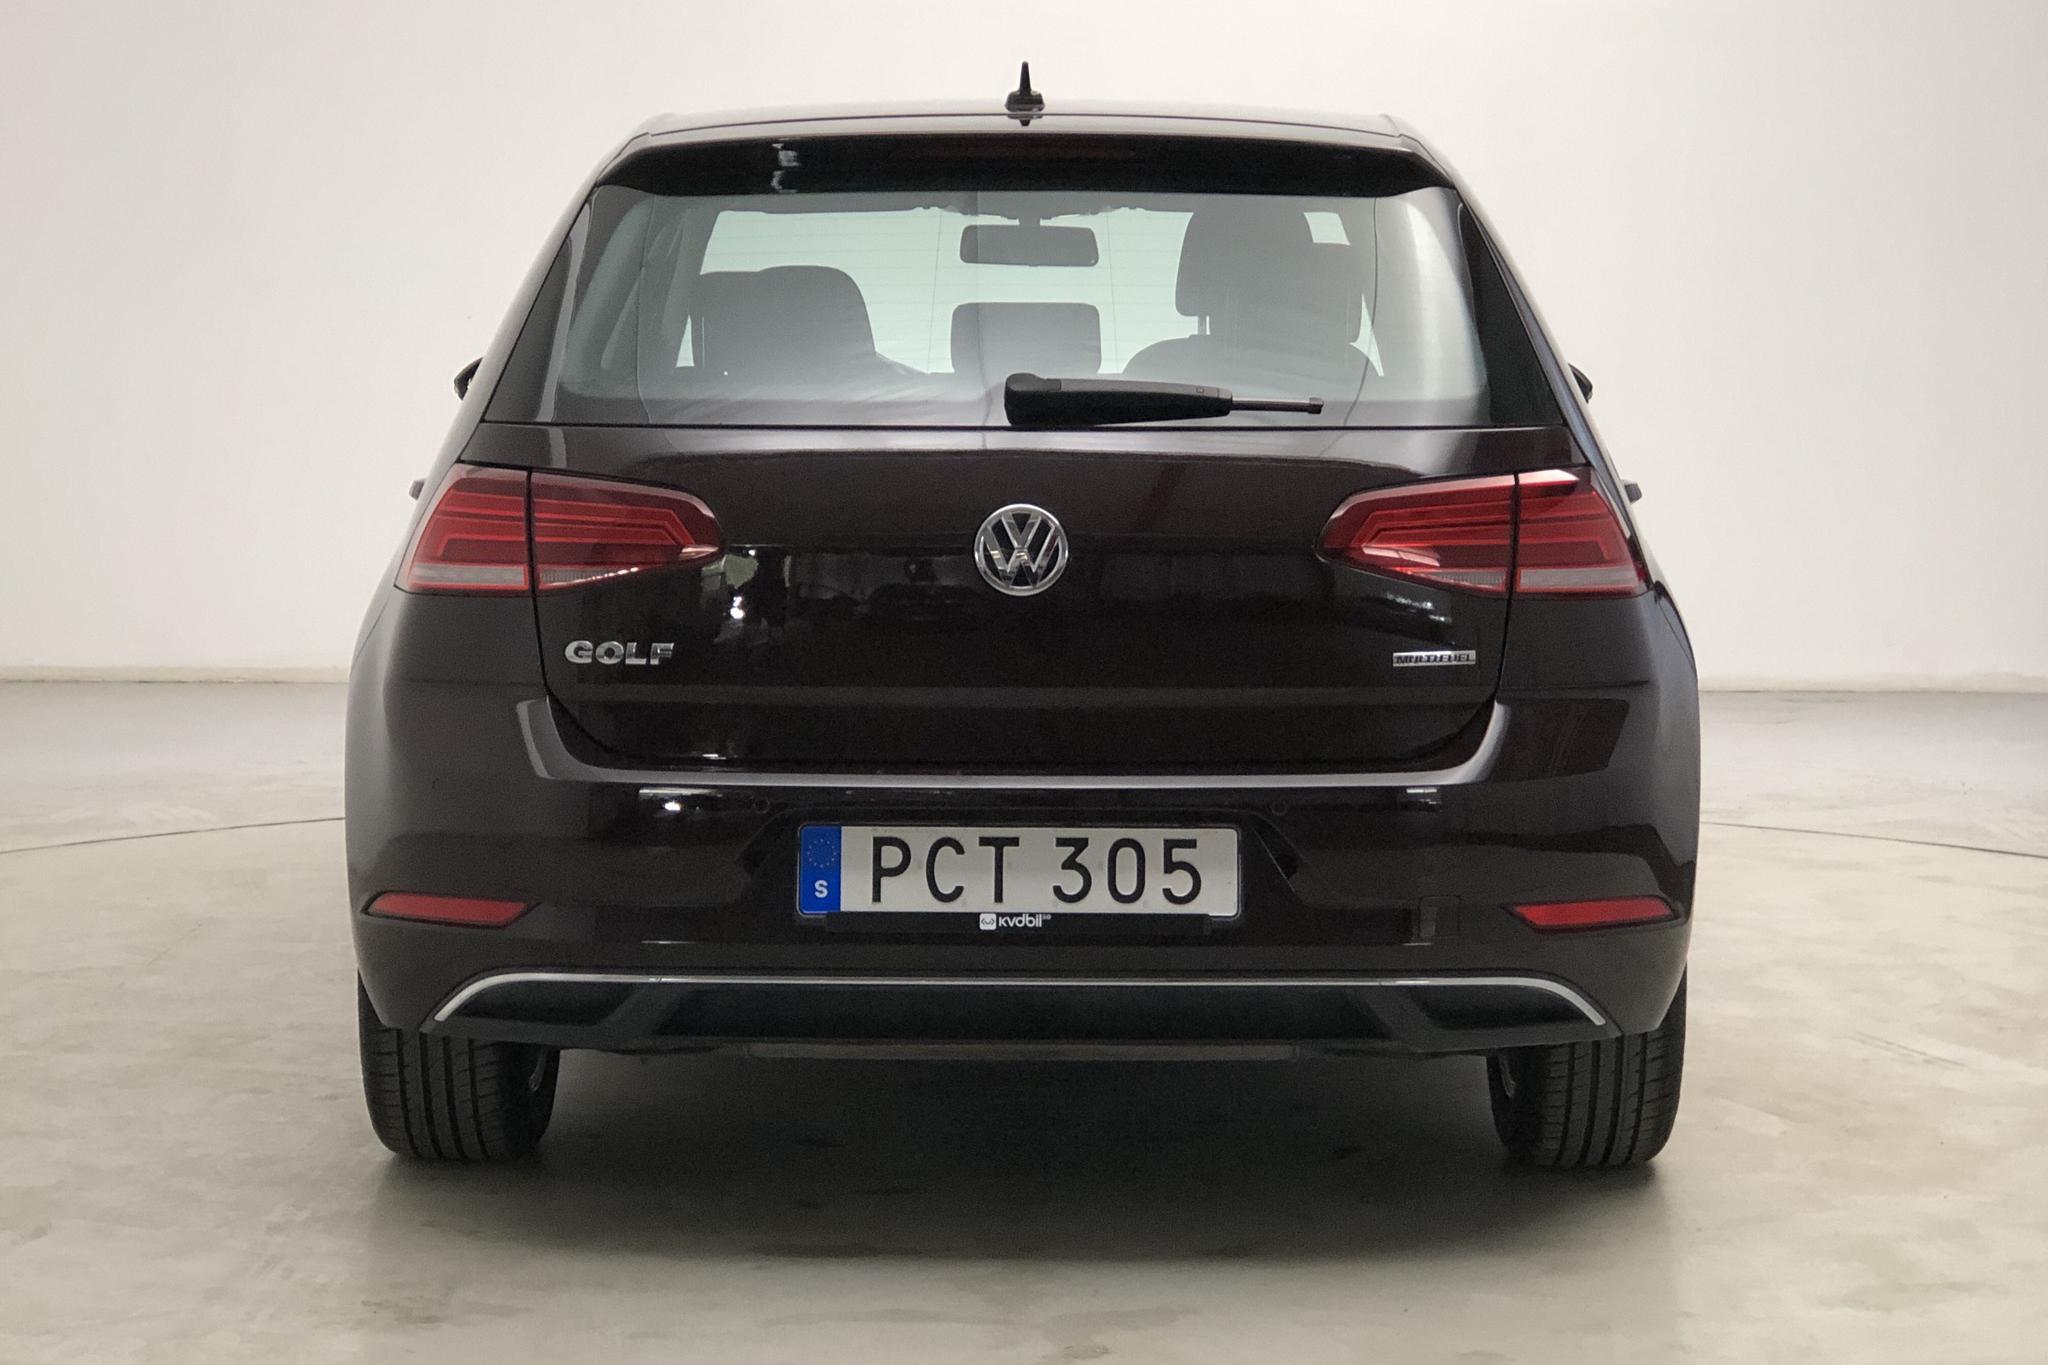 VW Golf VII 1.4 TSI Multifuel 5dr (125hk) - 2 468 mil - Manuell - svart - 2018